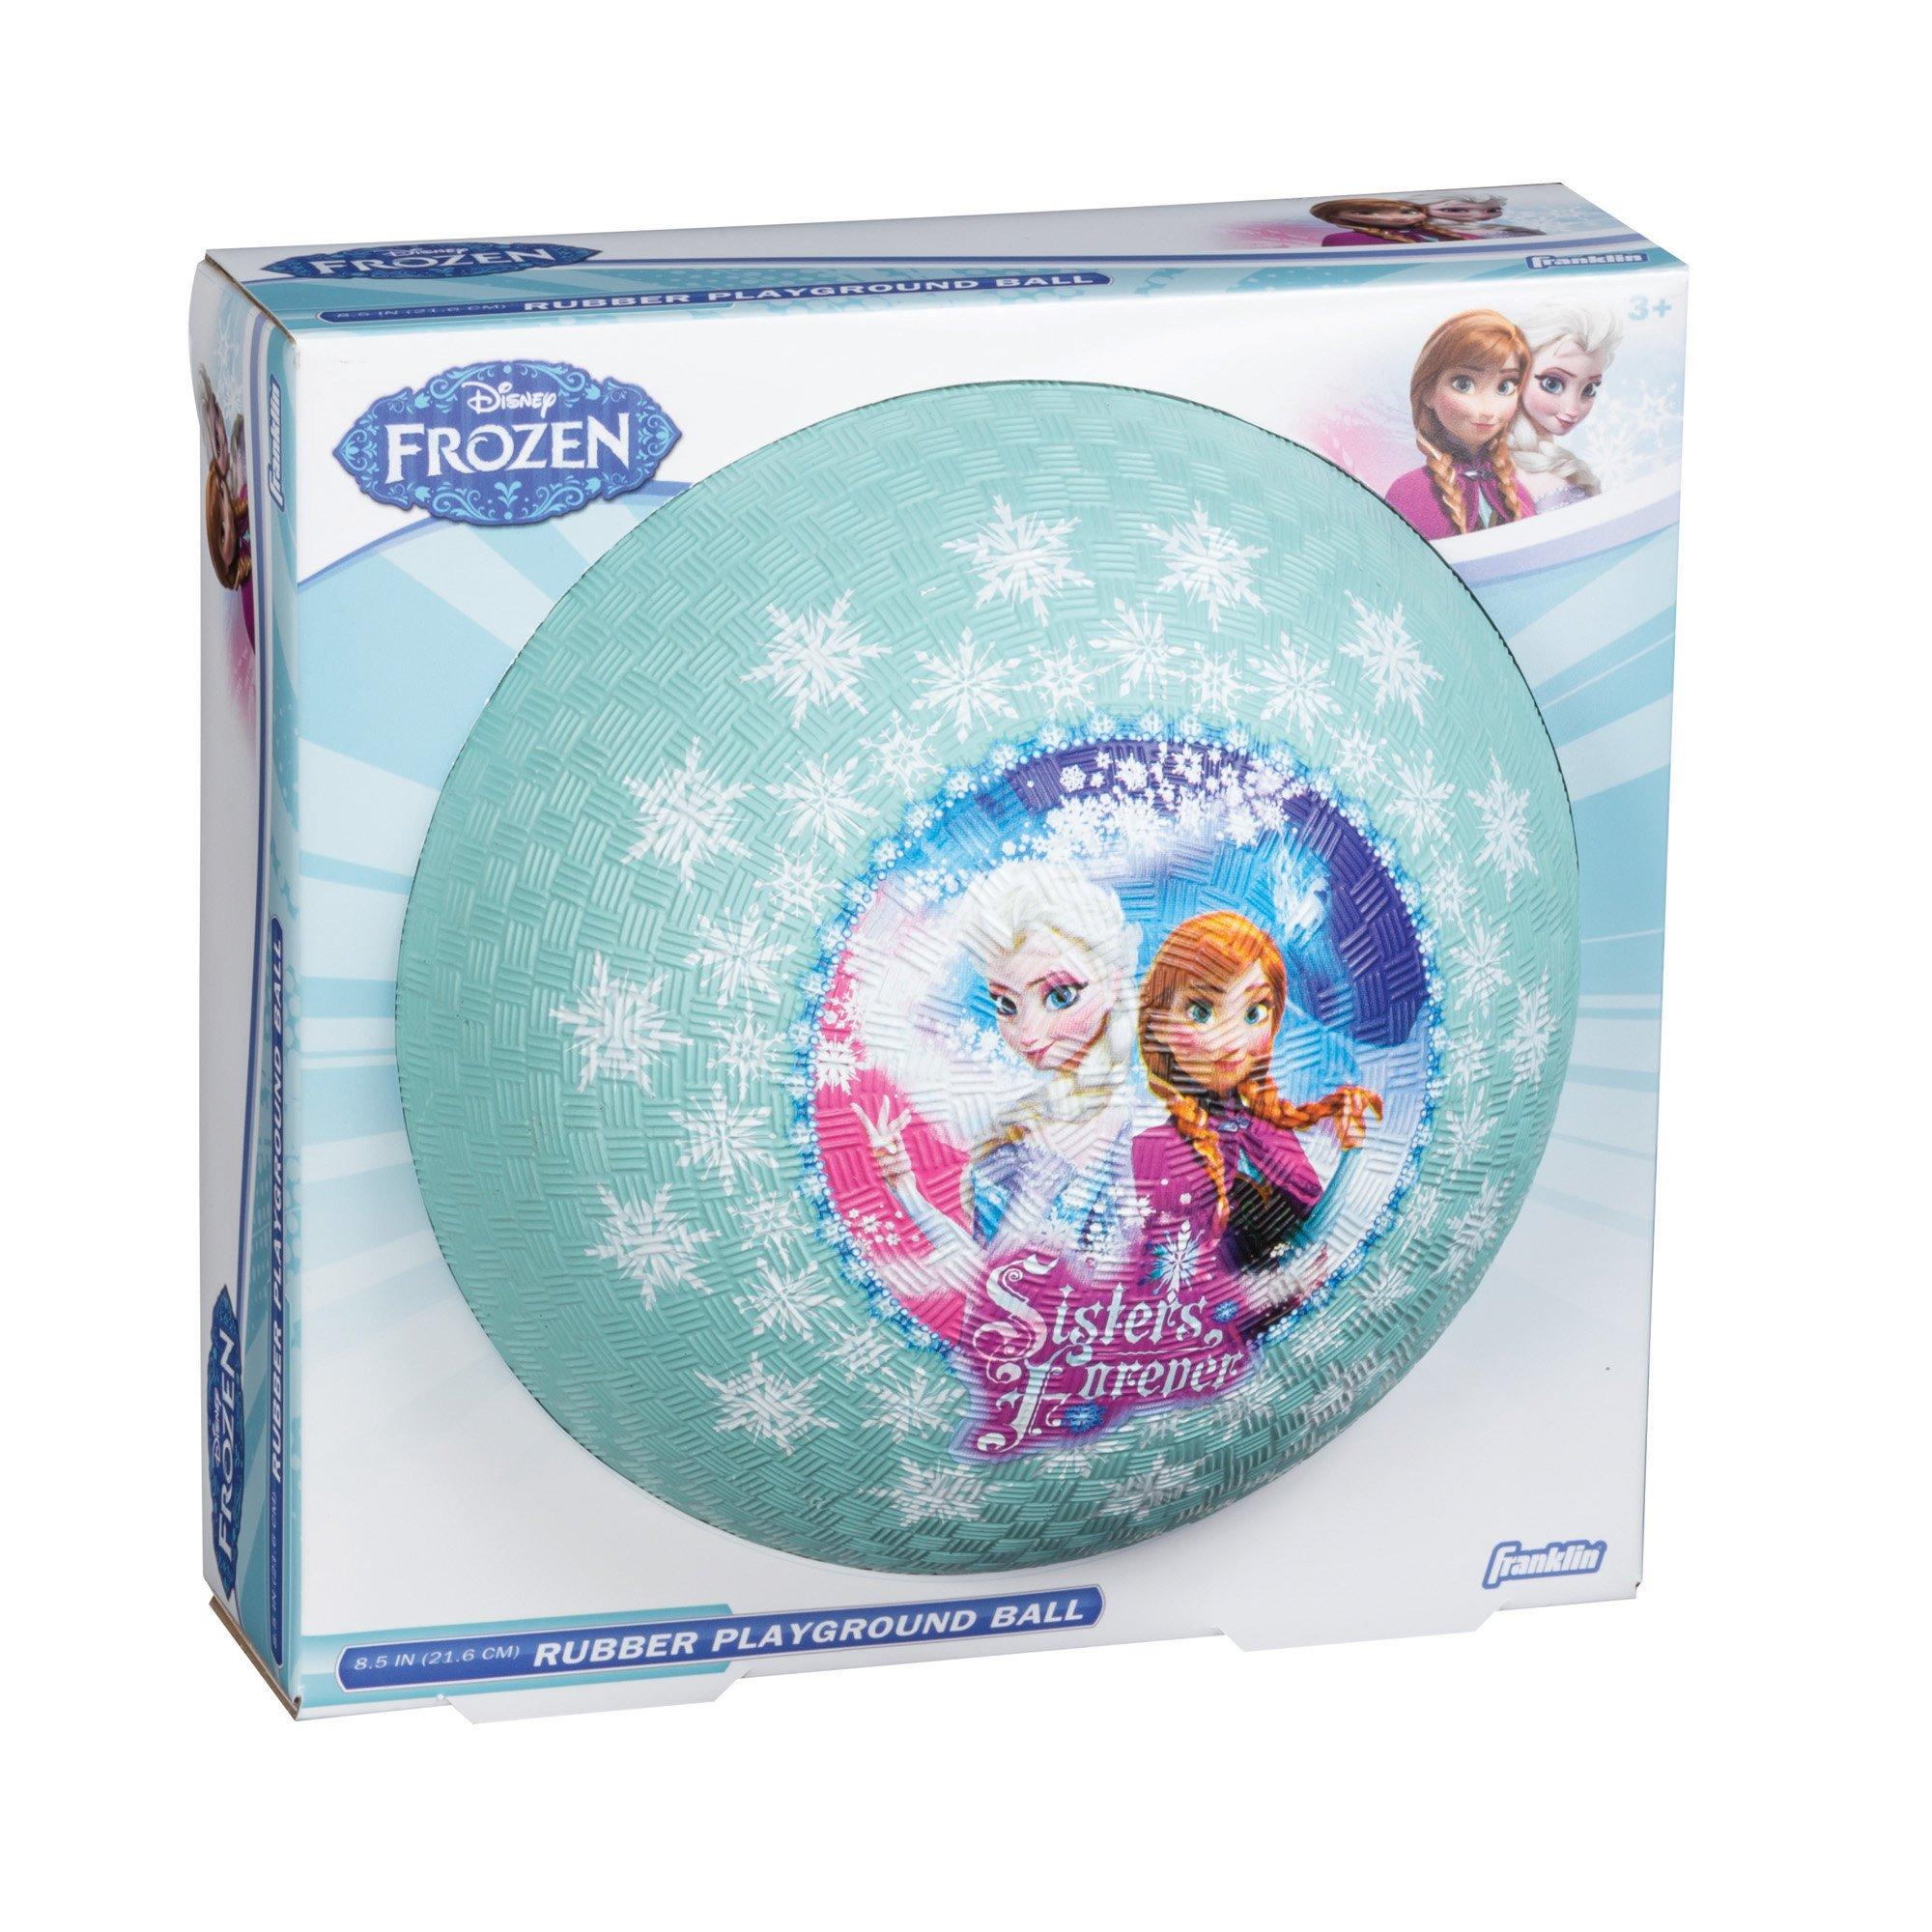 Franklin Sports Disney Frozen 8.5'' Playground Ball - Elsa/Anna